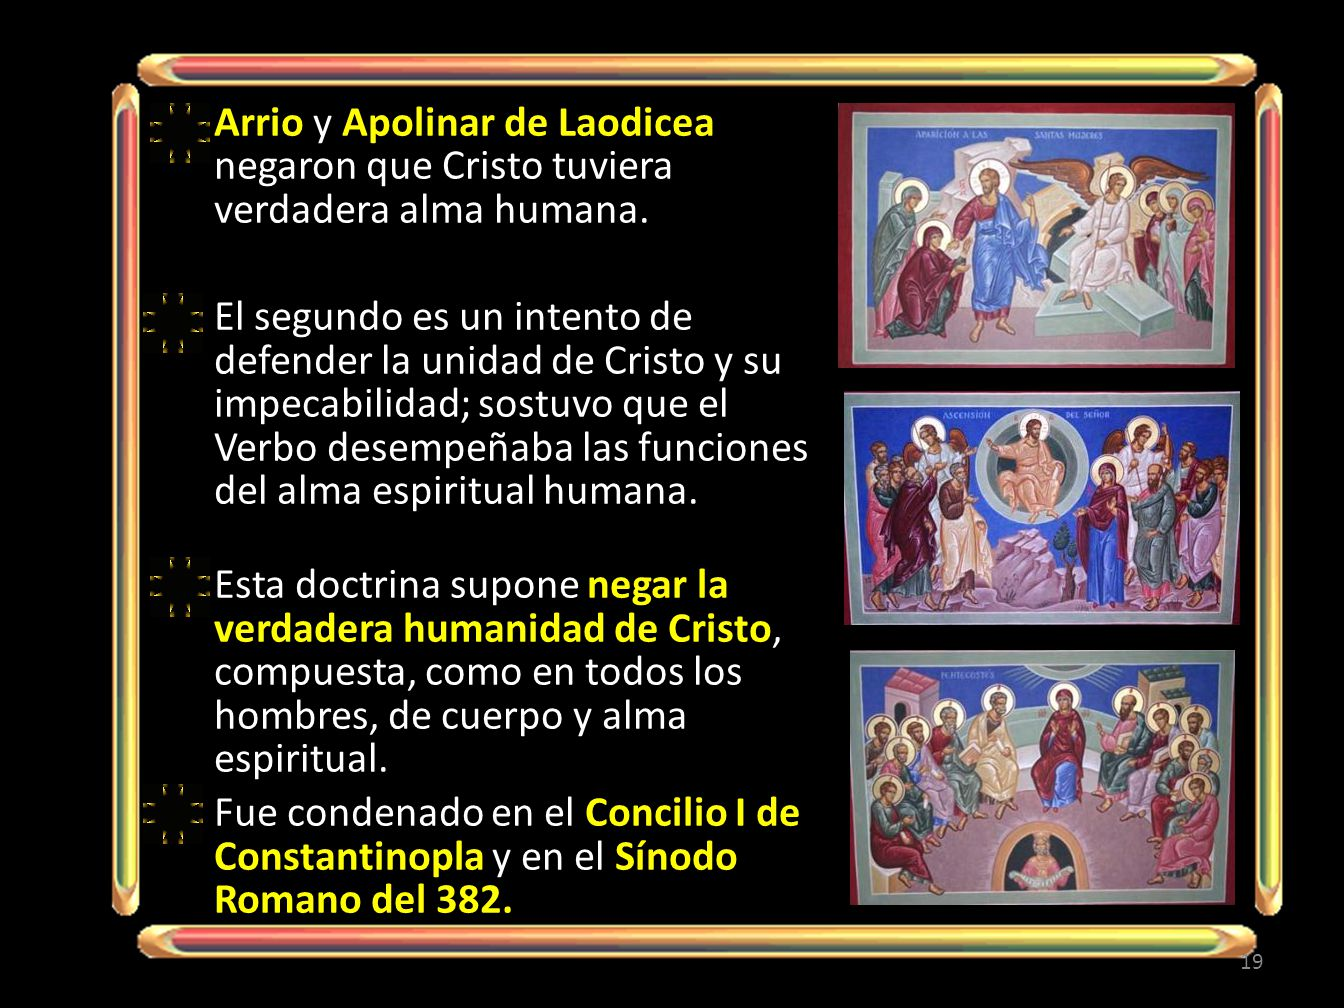 Arrio y Apolinar de Laodicea negaron que Cristo tuviera verdadera alma humana.